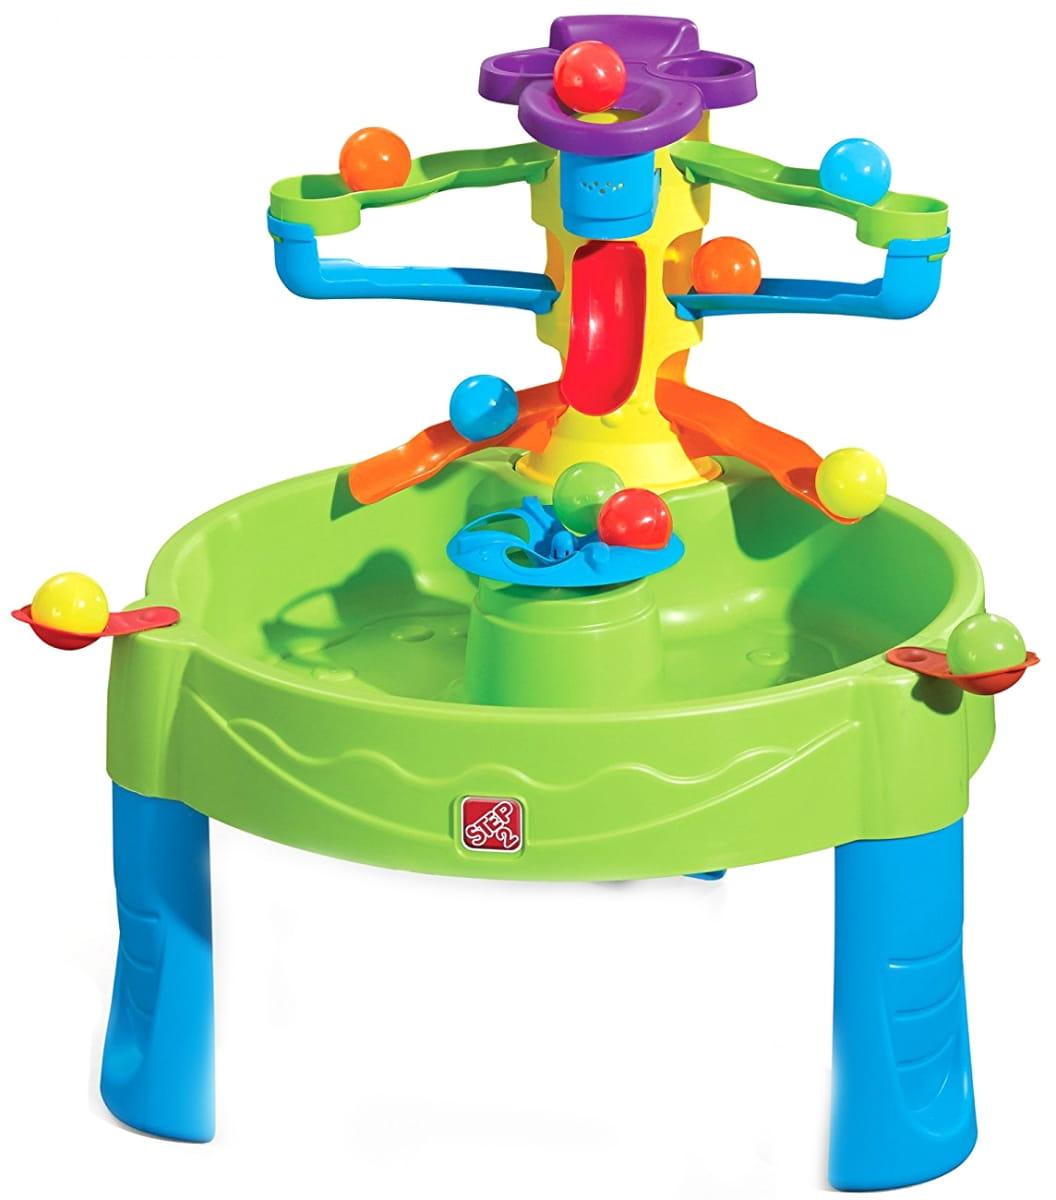 Игровой столик STEP2 Три в одном